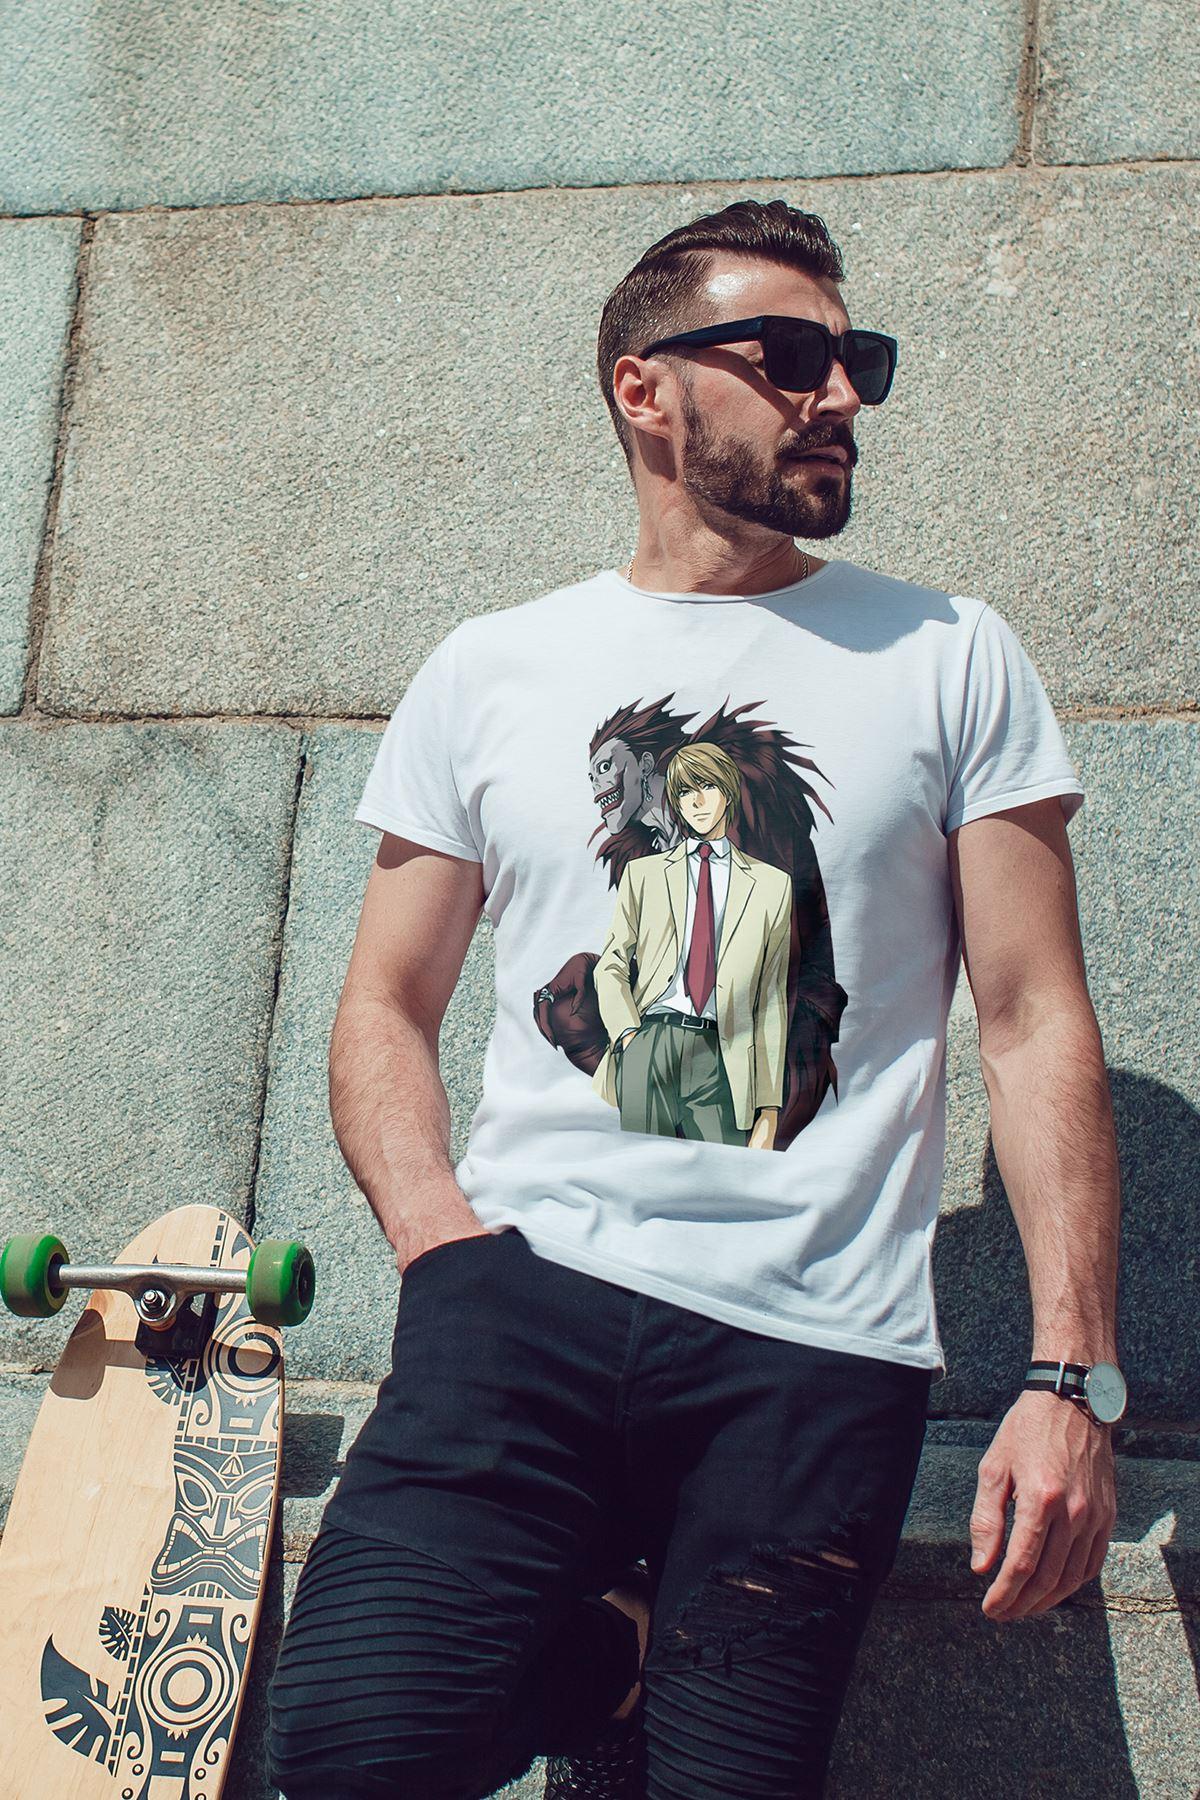 Anime Ryukkira 02 Beyaz Erkek Tshirt - Tişört